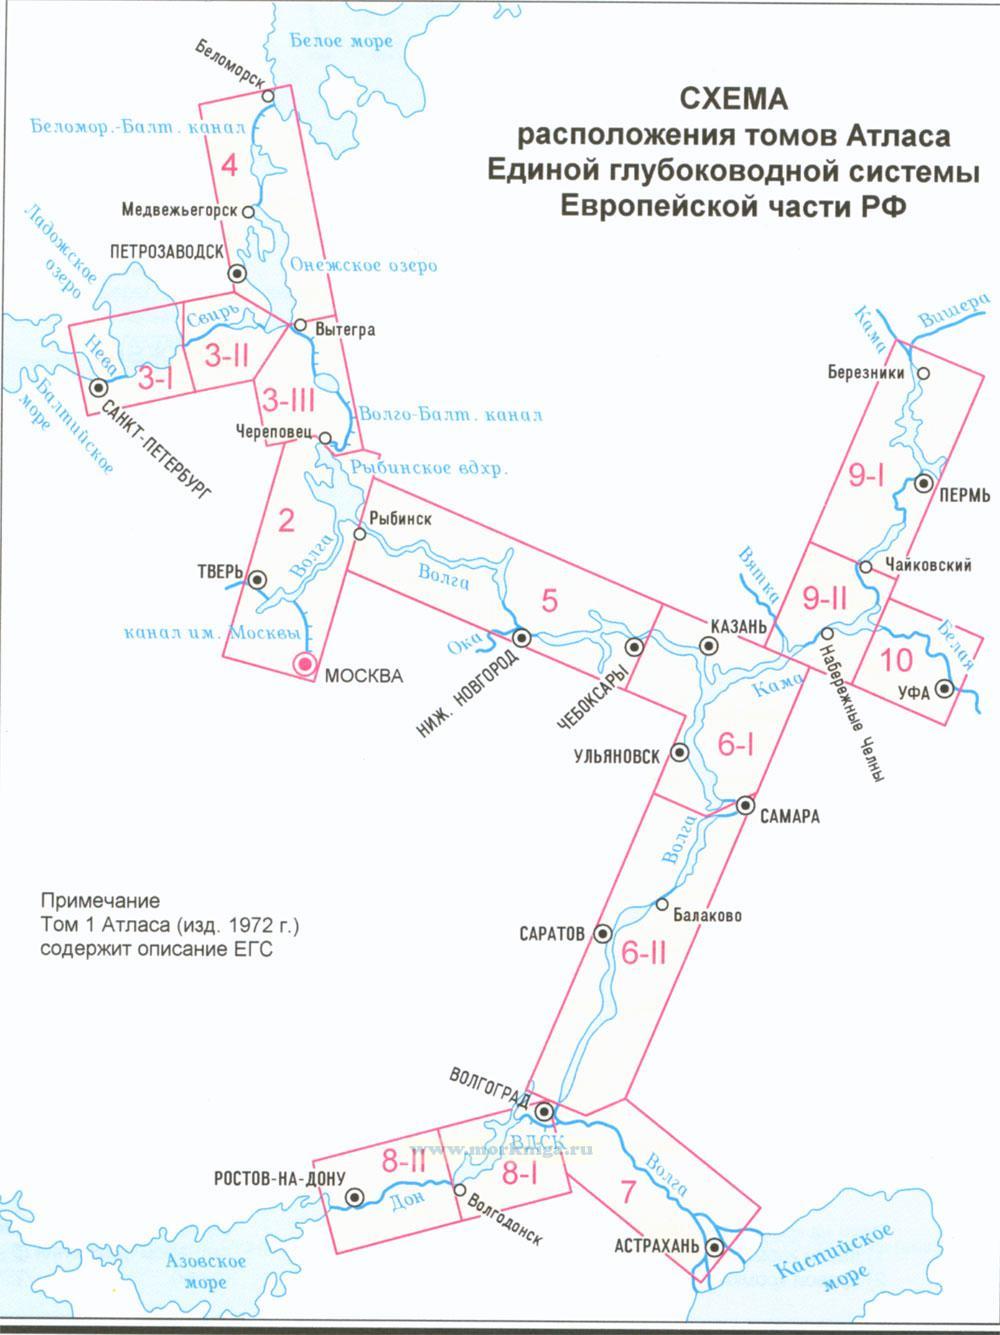 Атлас единой глубоководной системы Европейской части РФ. Том 3. Часть 3. Волго-Балтийский канал, включая корректуру на начало навигации 2021 г.